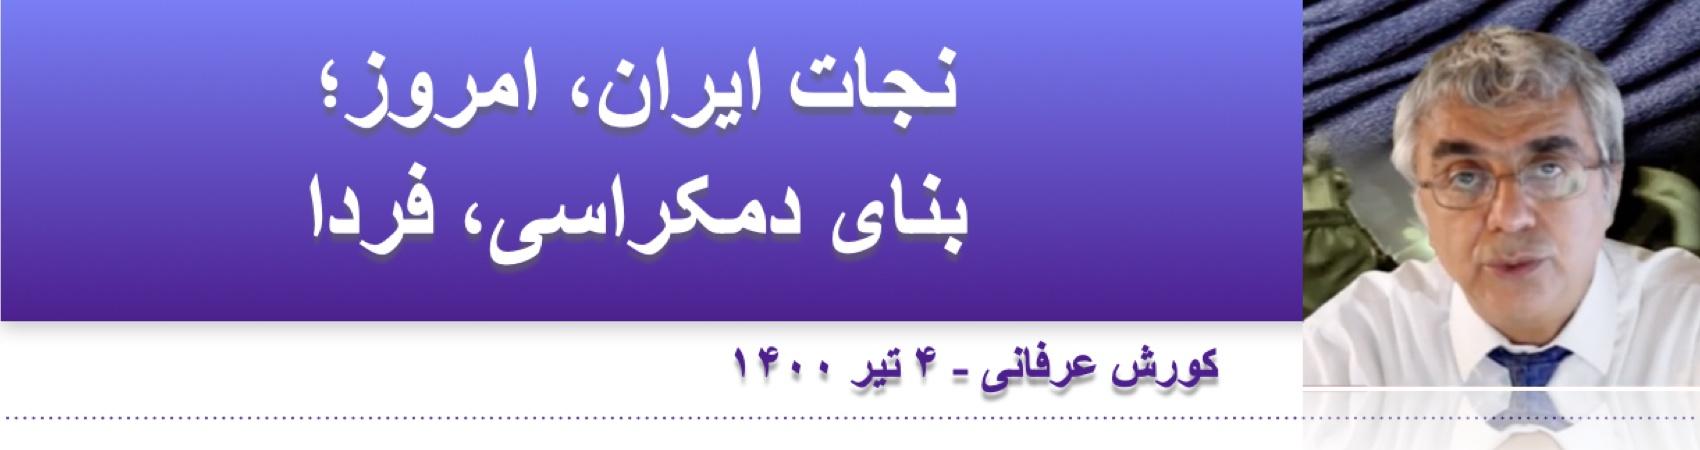 نجات ایران، امروز؛ بنای دمکراسی، فردا 